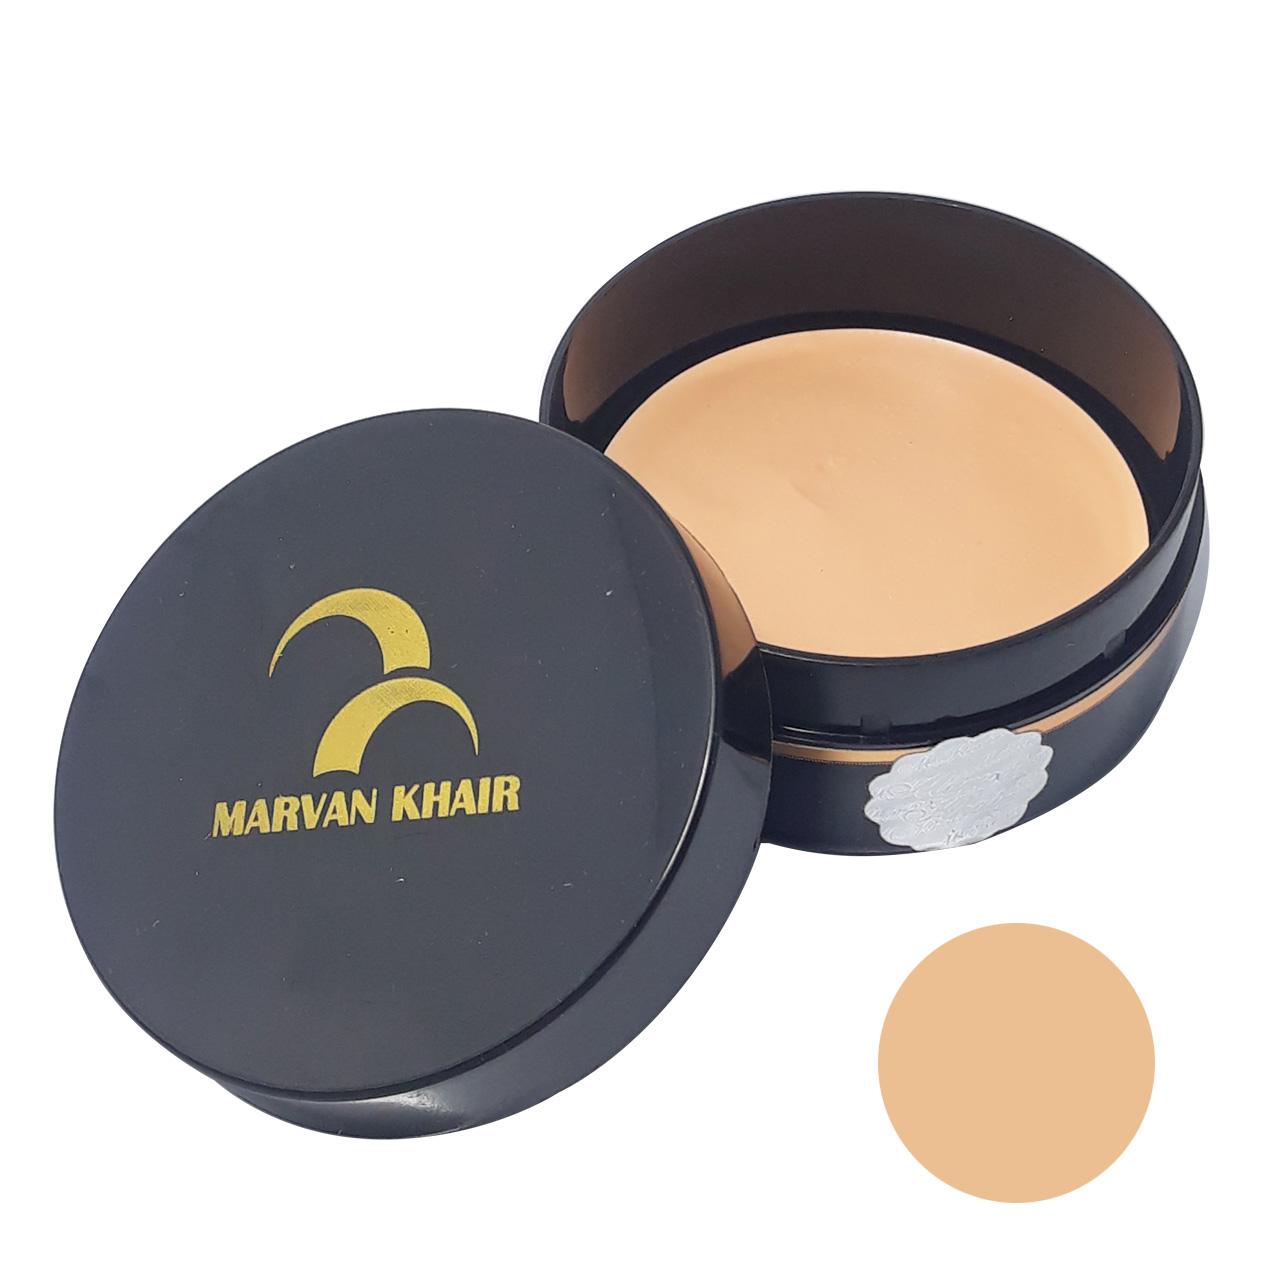 قیمت موس گریم مروان خیر مدل Subra Color شماره 402 حجم 30 میلی لیتر